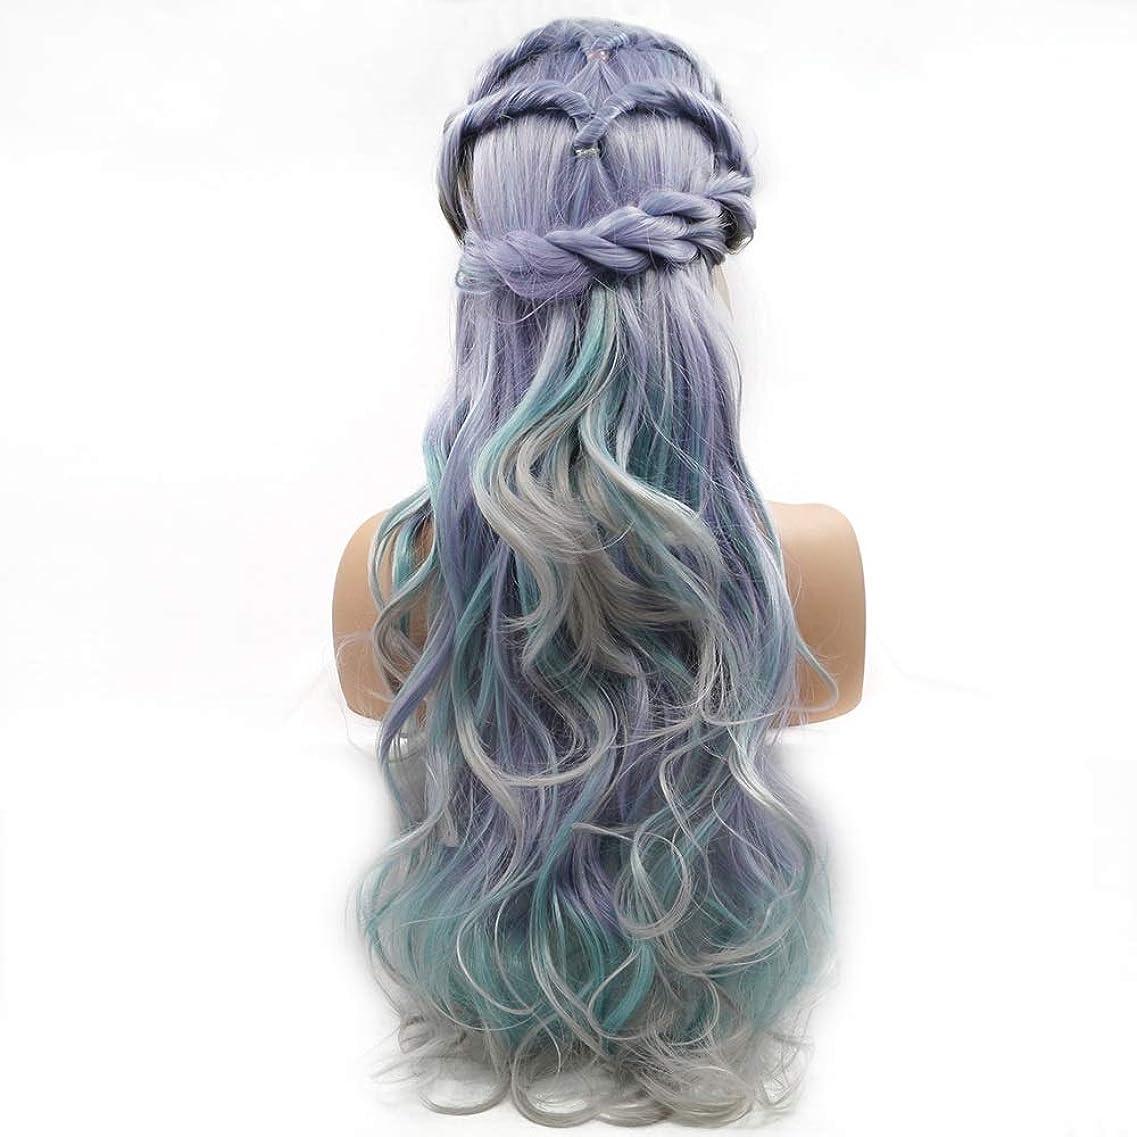 統合する体ナイトスポットZXF グラデーションカラーの長い髪の巻き毛のかつらの女性の手作りのレースヨーロッパとアメリカのかつらはかつらの毛髪のセット 美しい